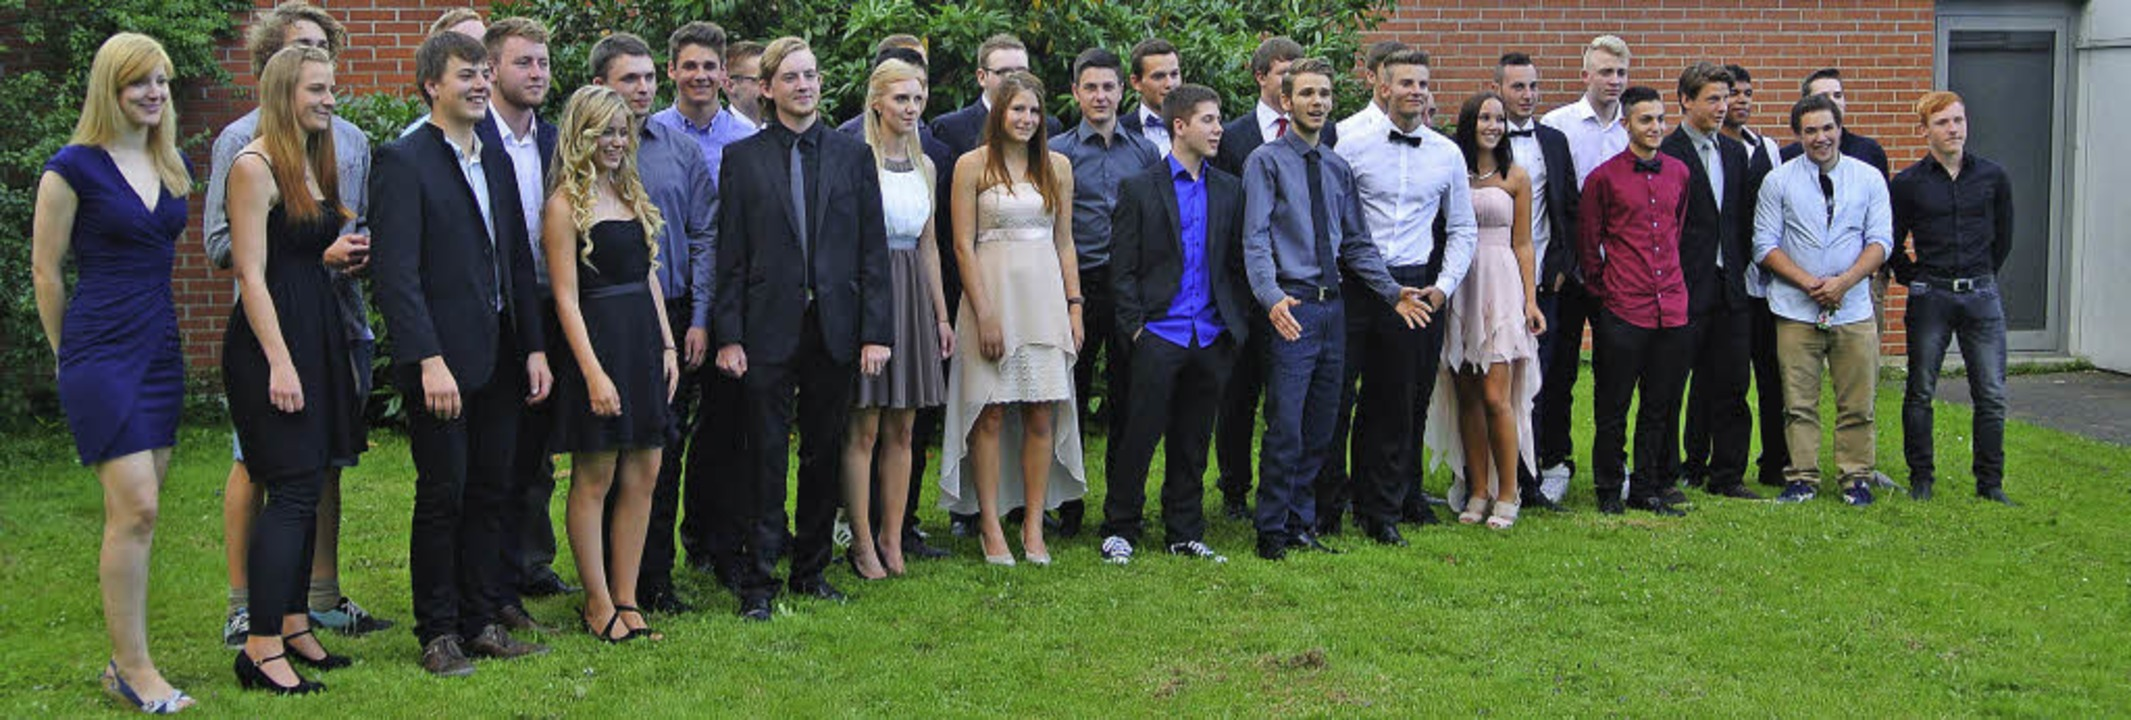 Die Abiturienten  des Technischen Gymn... feiern ihren erfolgreichen Abschluss.  | Foto: ZVG